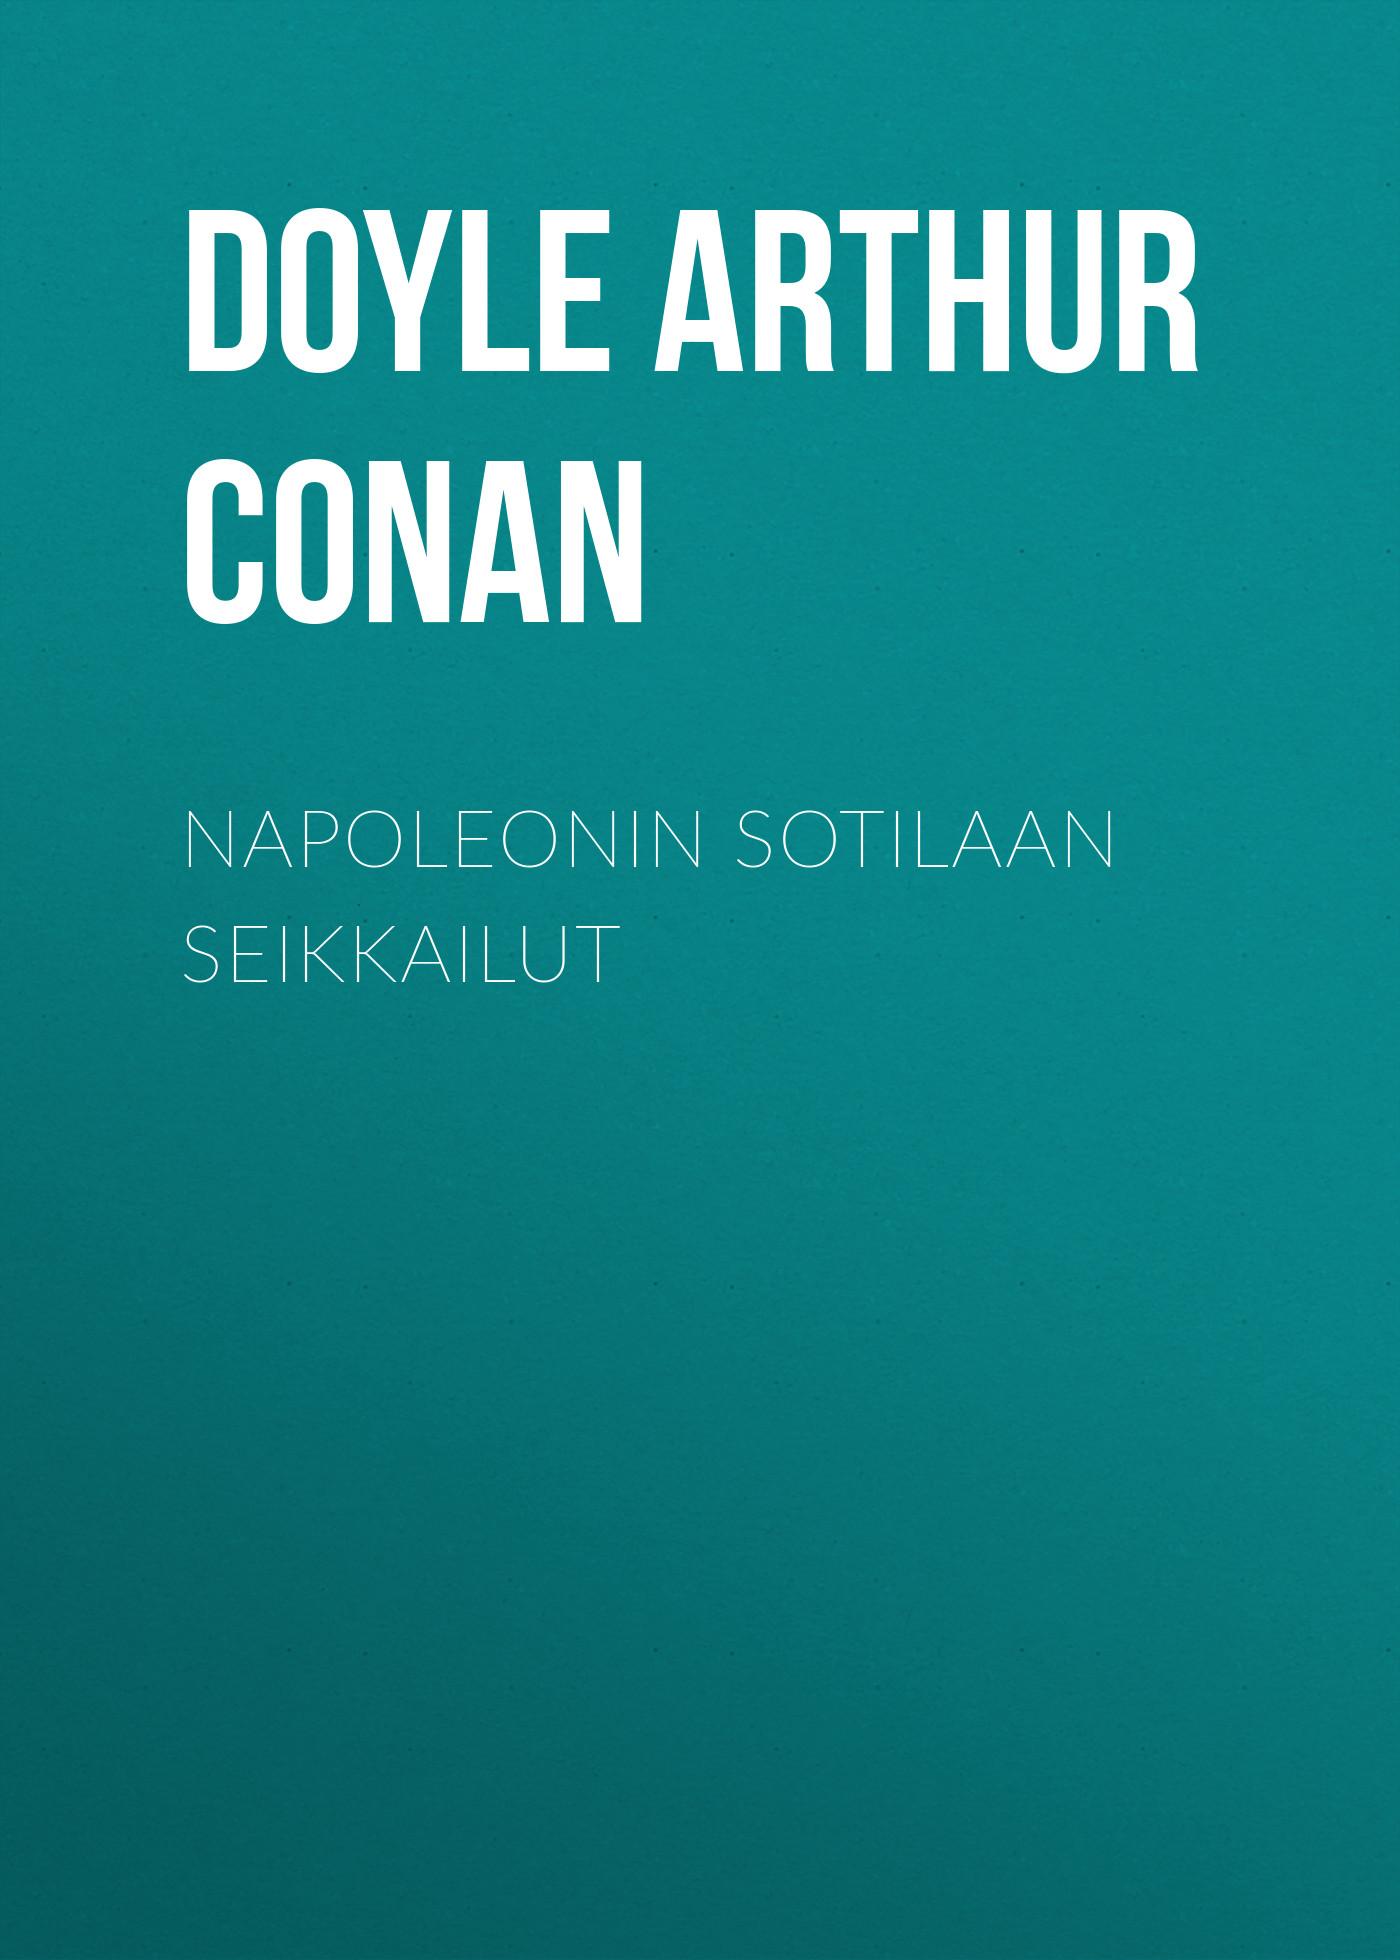 Doyle Arthur Conan Napoleonin sotilaan seikkailut doyle arthur conan el sabueso de los baskerville